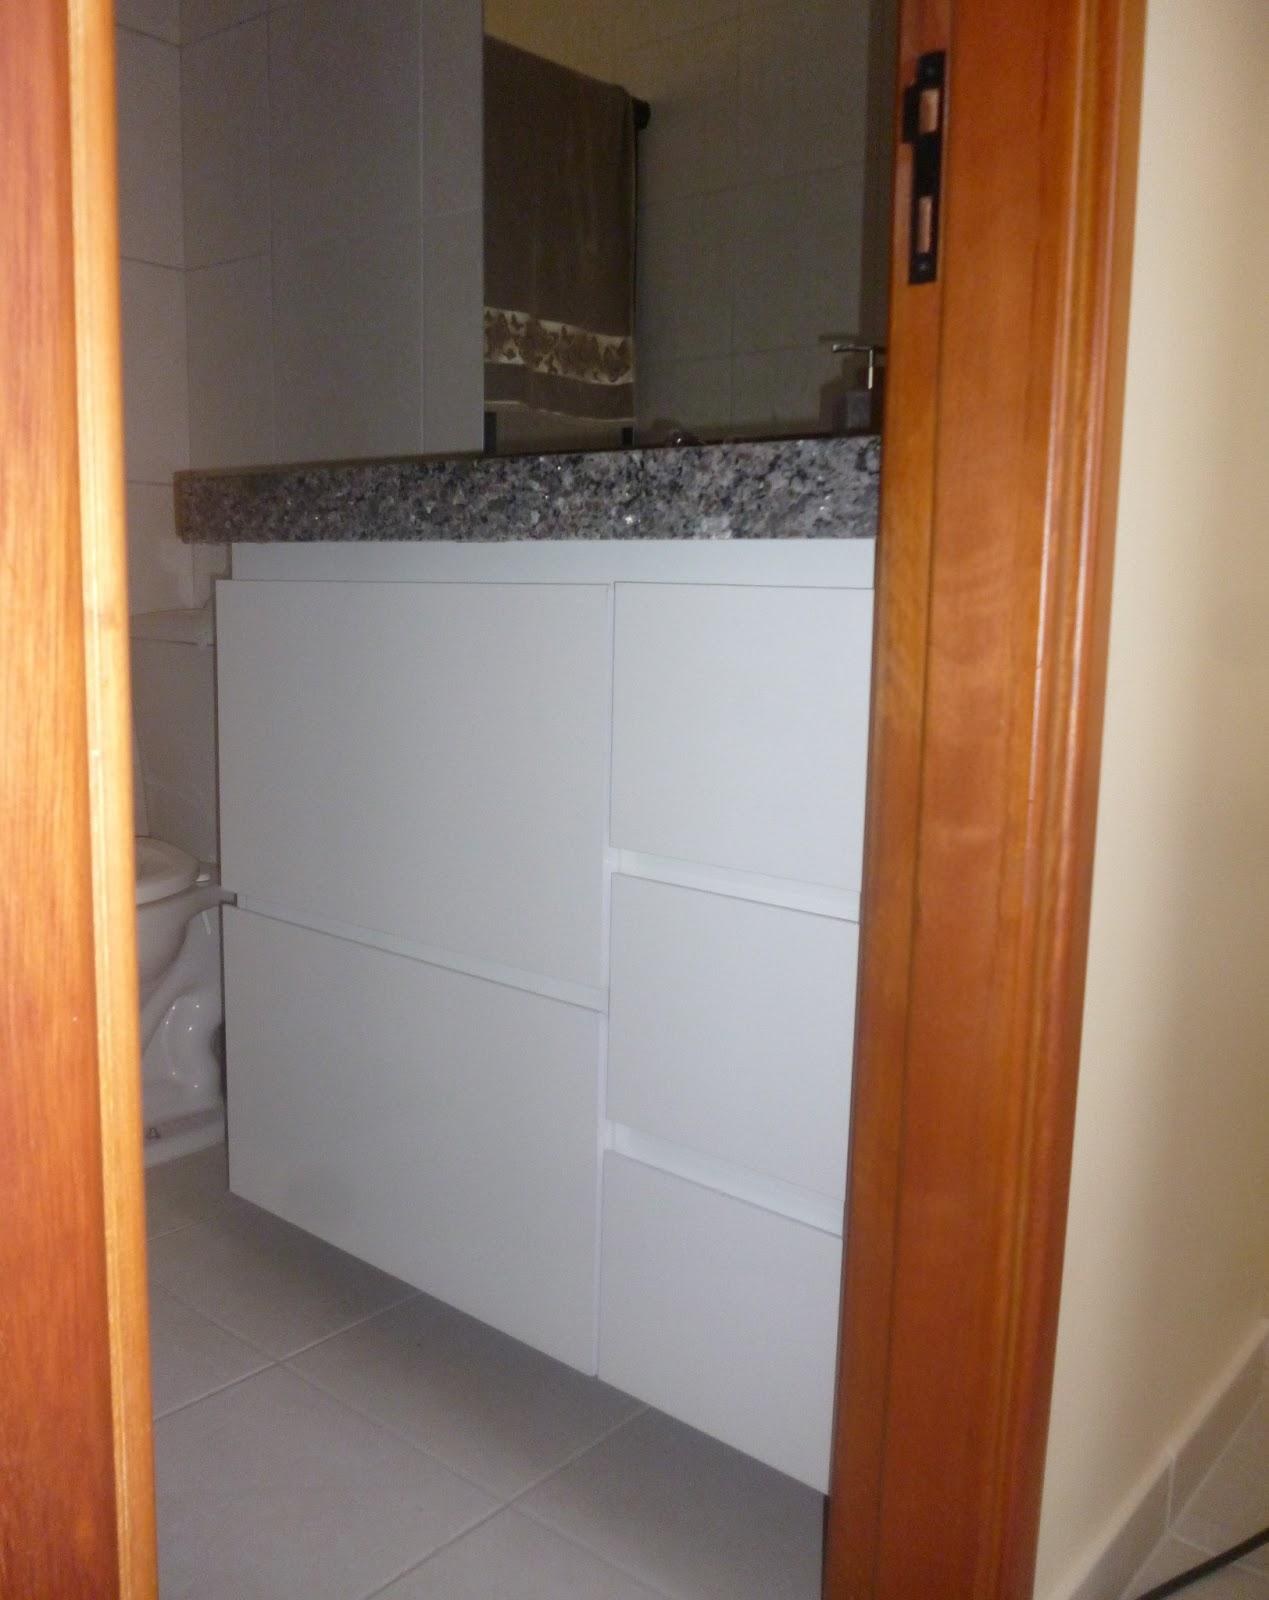 VIA ART FERRO Contato (81)988331092 E mail: via.artferro@gmail.com  #A26D29 1269x1600 Armario Banheiro Projeto